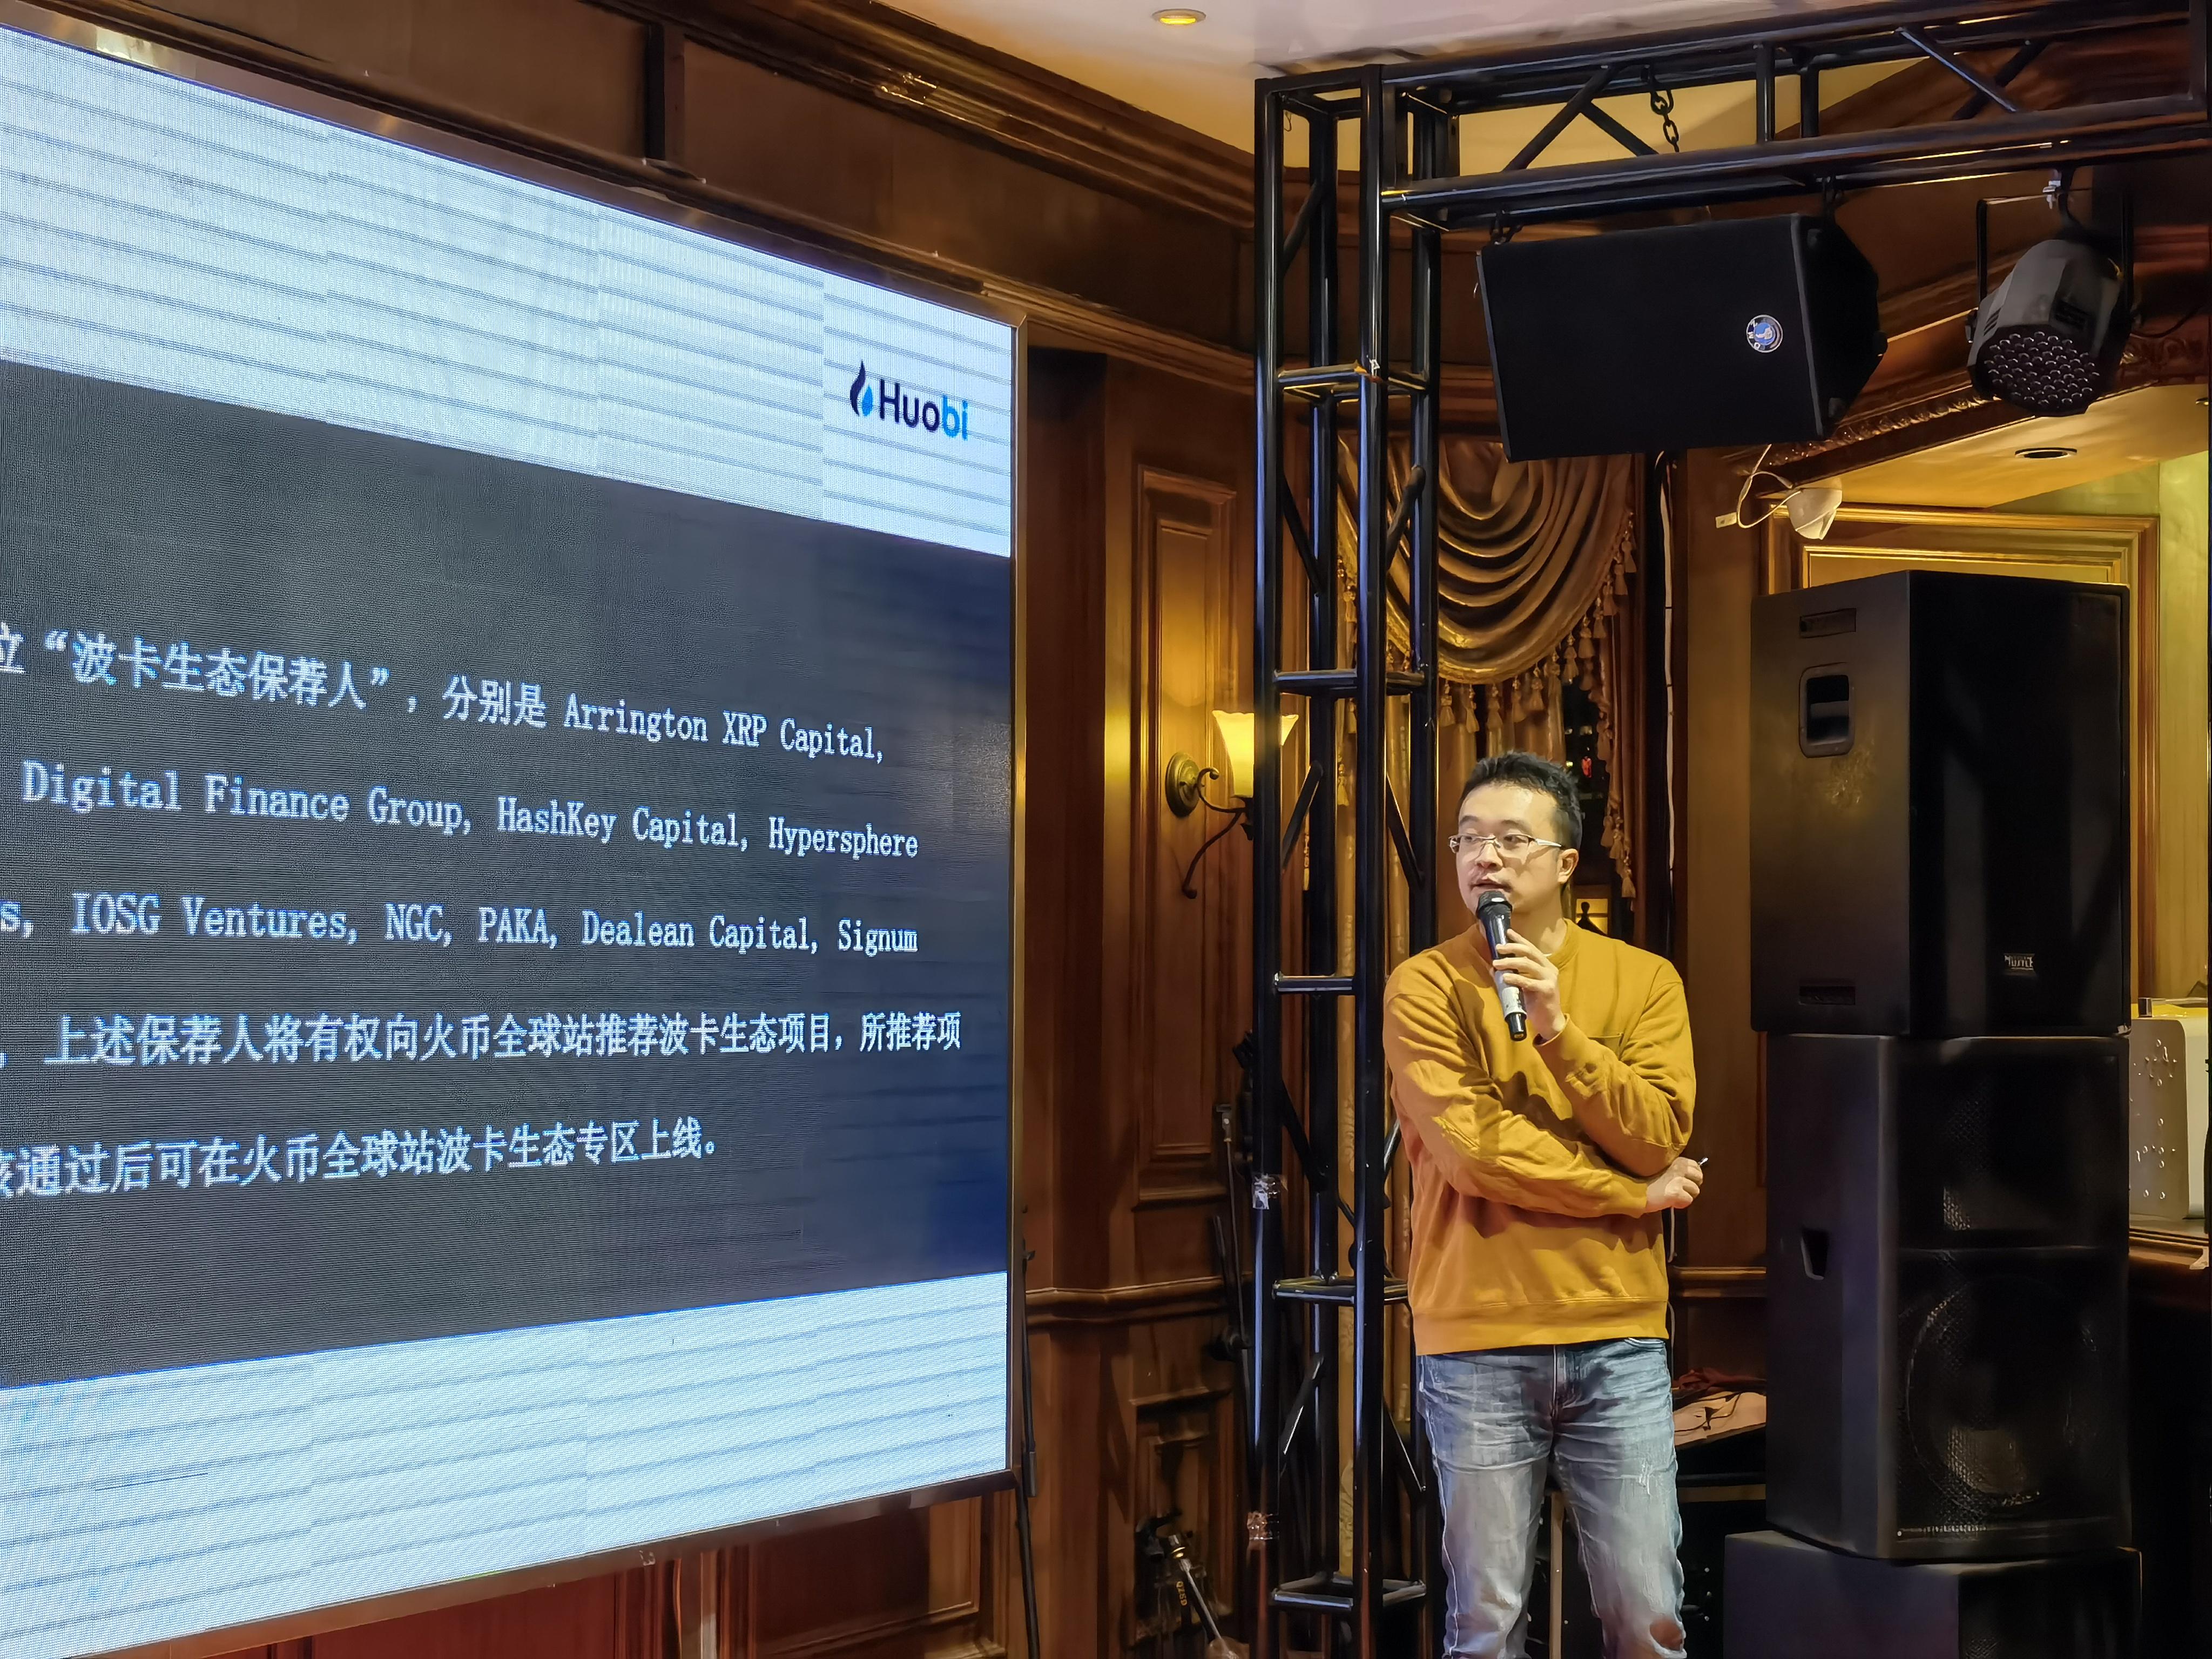 """波卡盛会丨""""2021.与您同行""""波卡新势力(上海站)圆满举办插图5"""